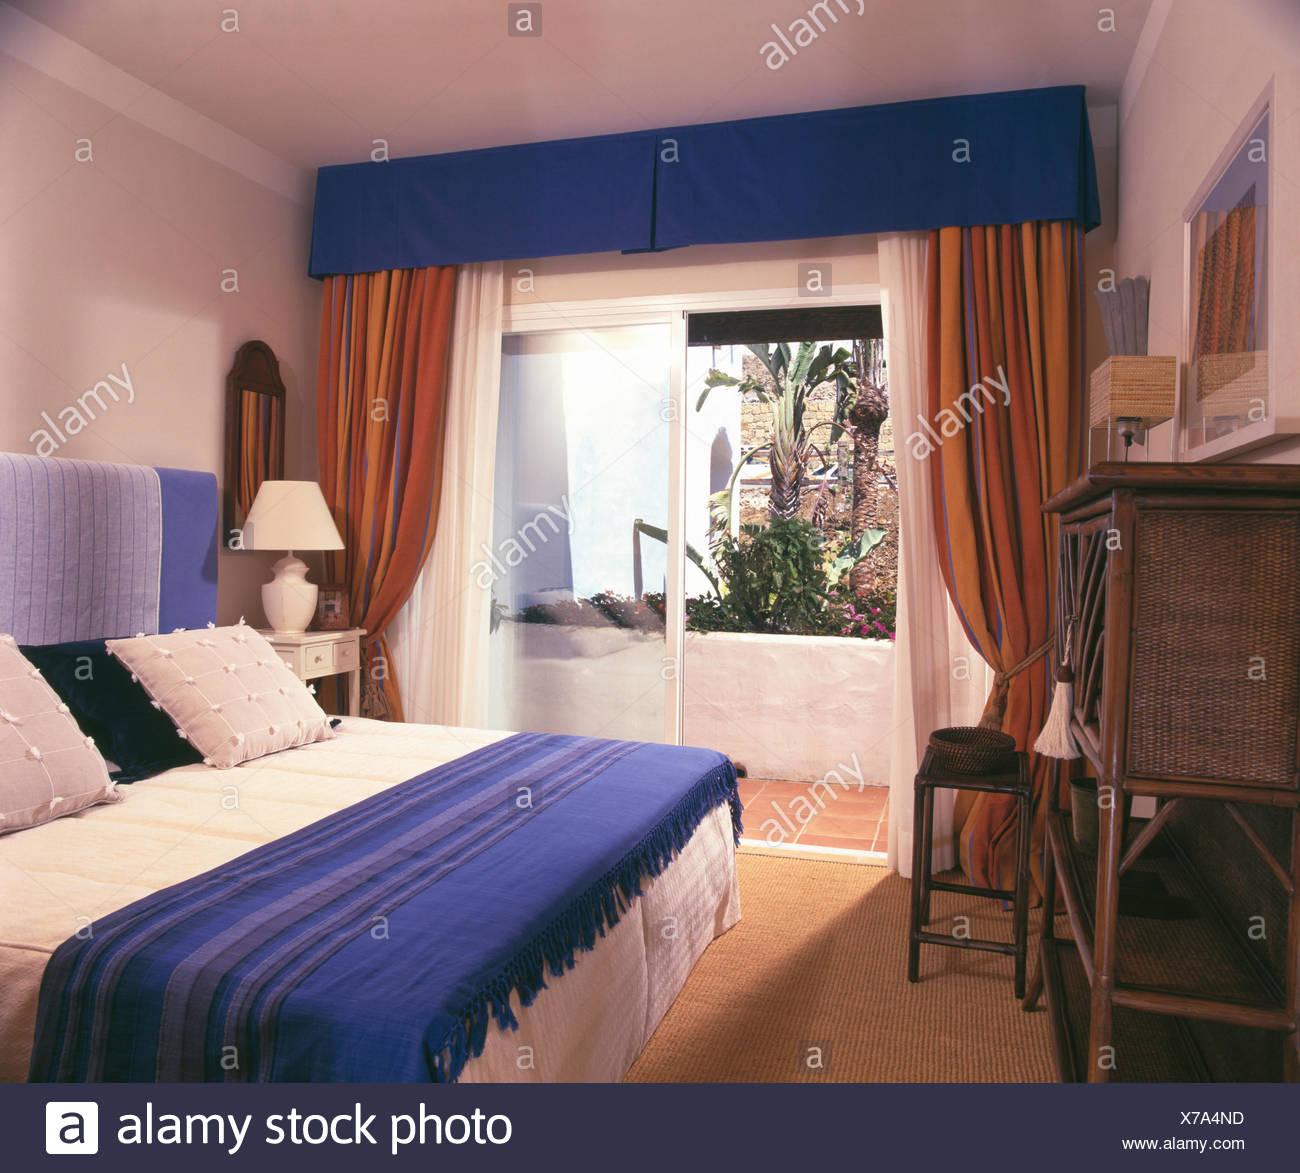 Di lana blu buttare in camera da letto in appartamento spagnolo con ...